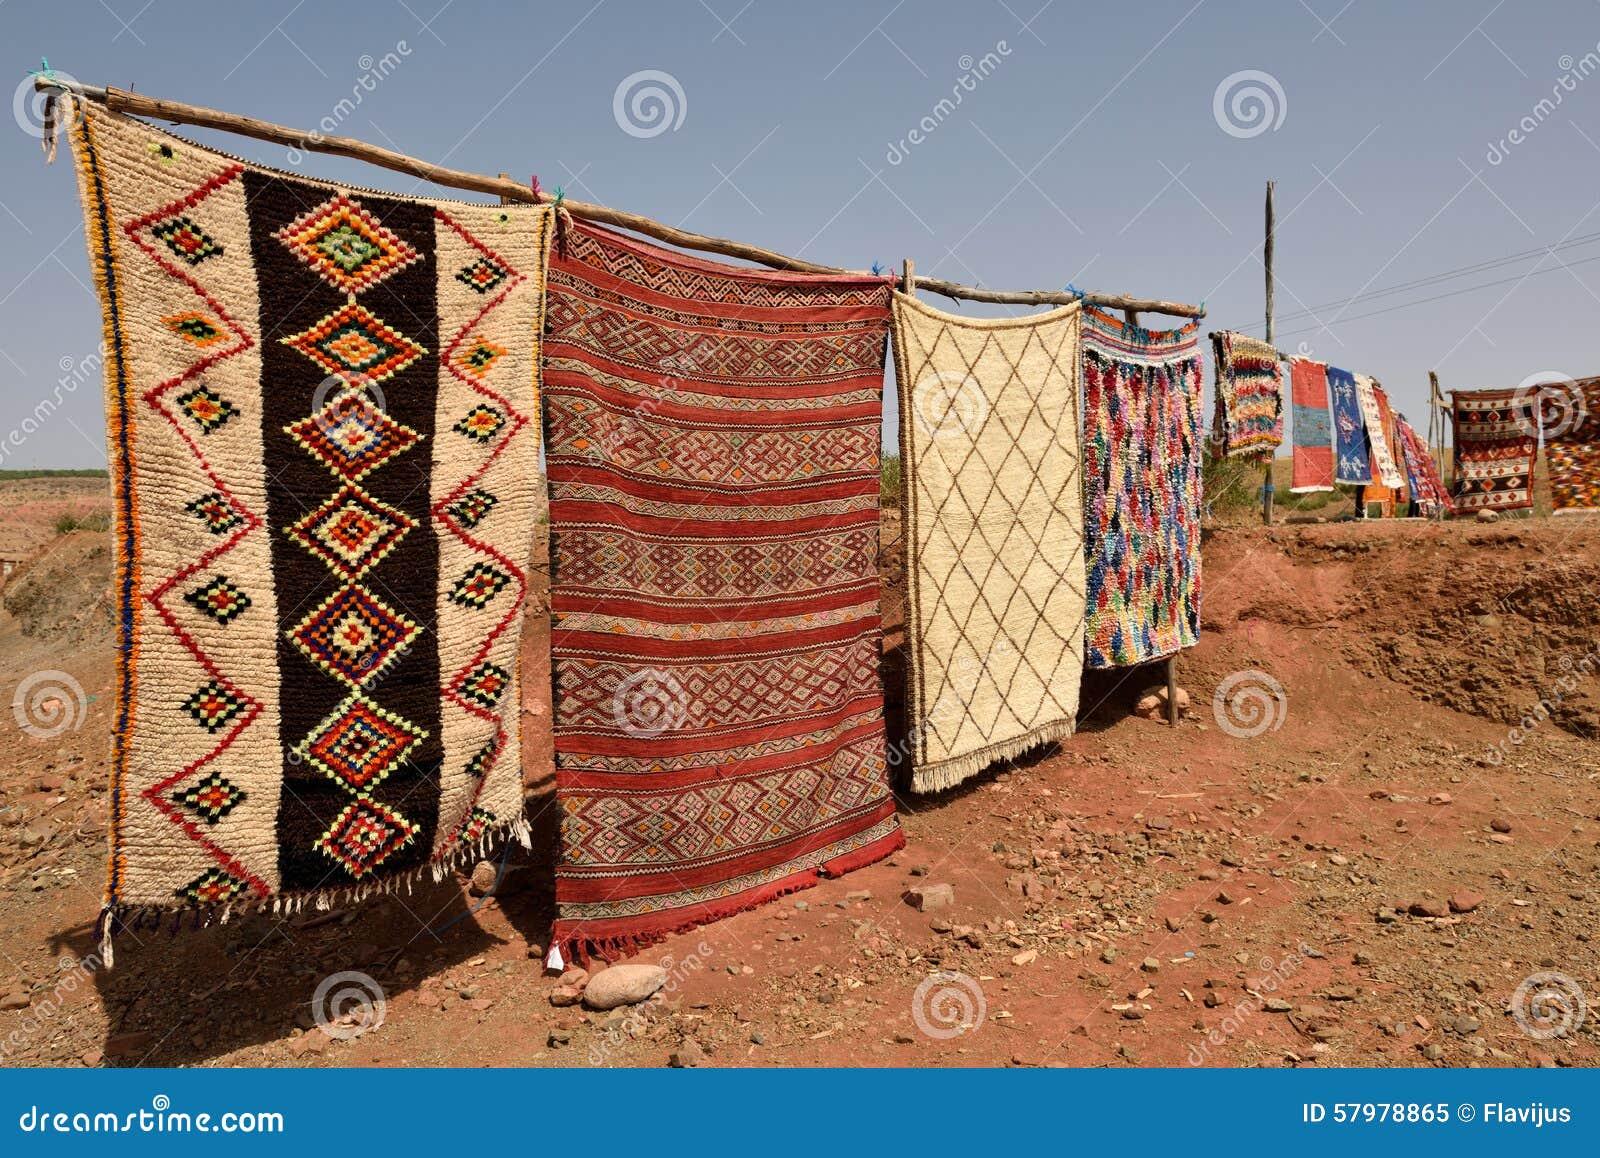 Tappeti Tradizionali Di Berbero Da Vendere Nel Marocco ...